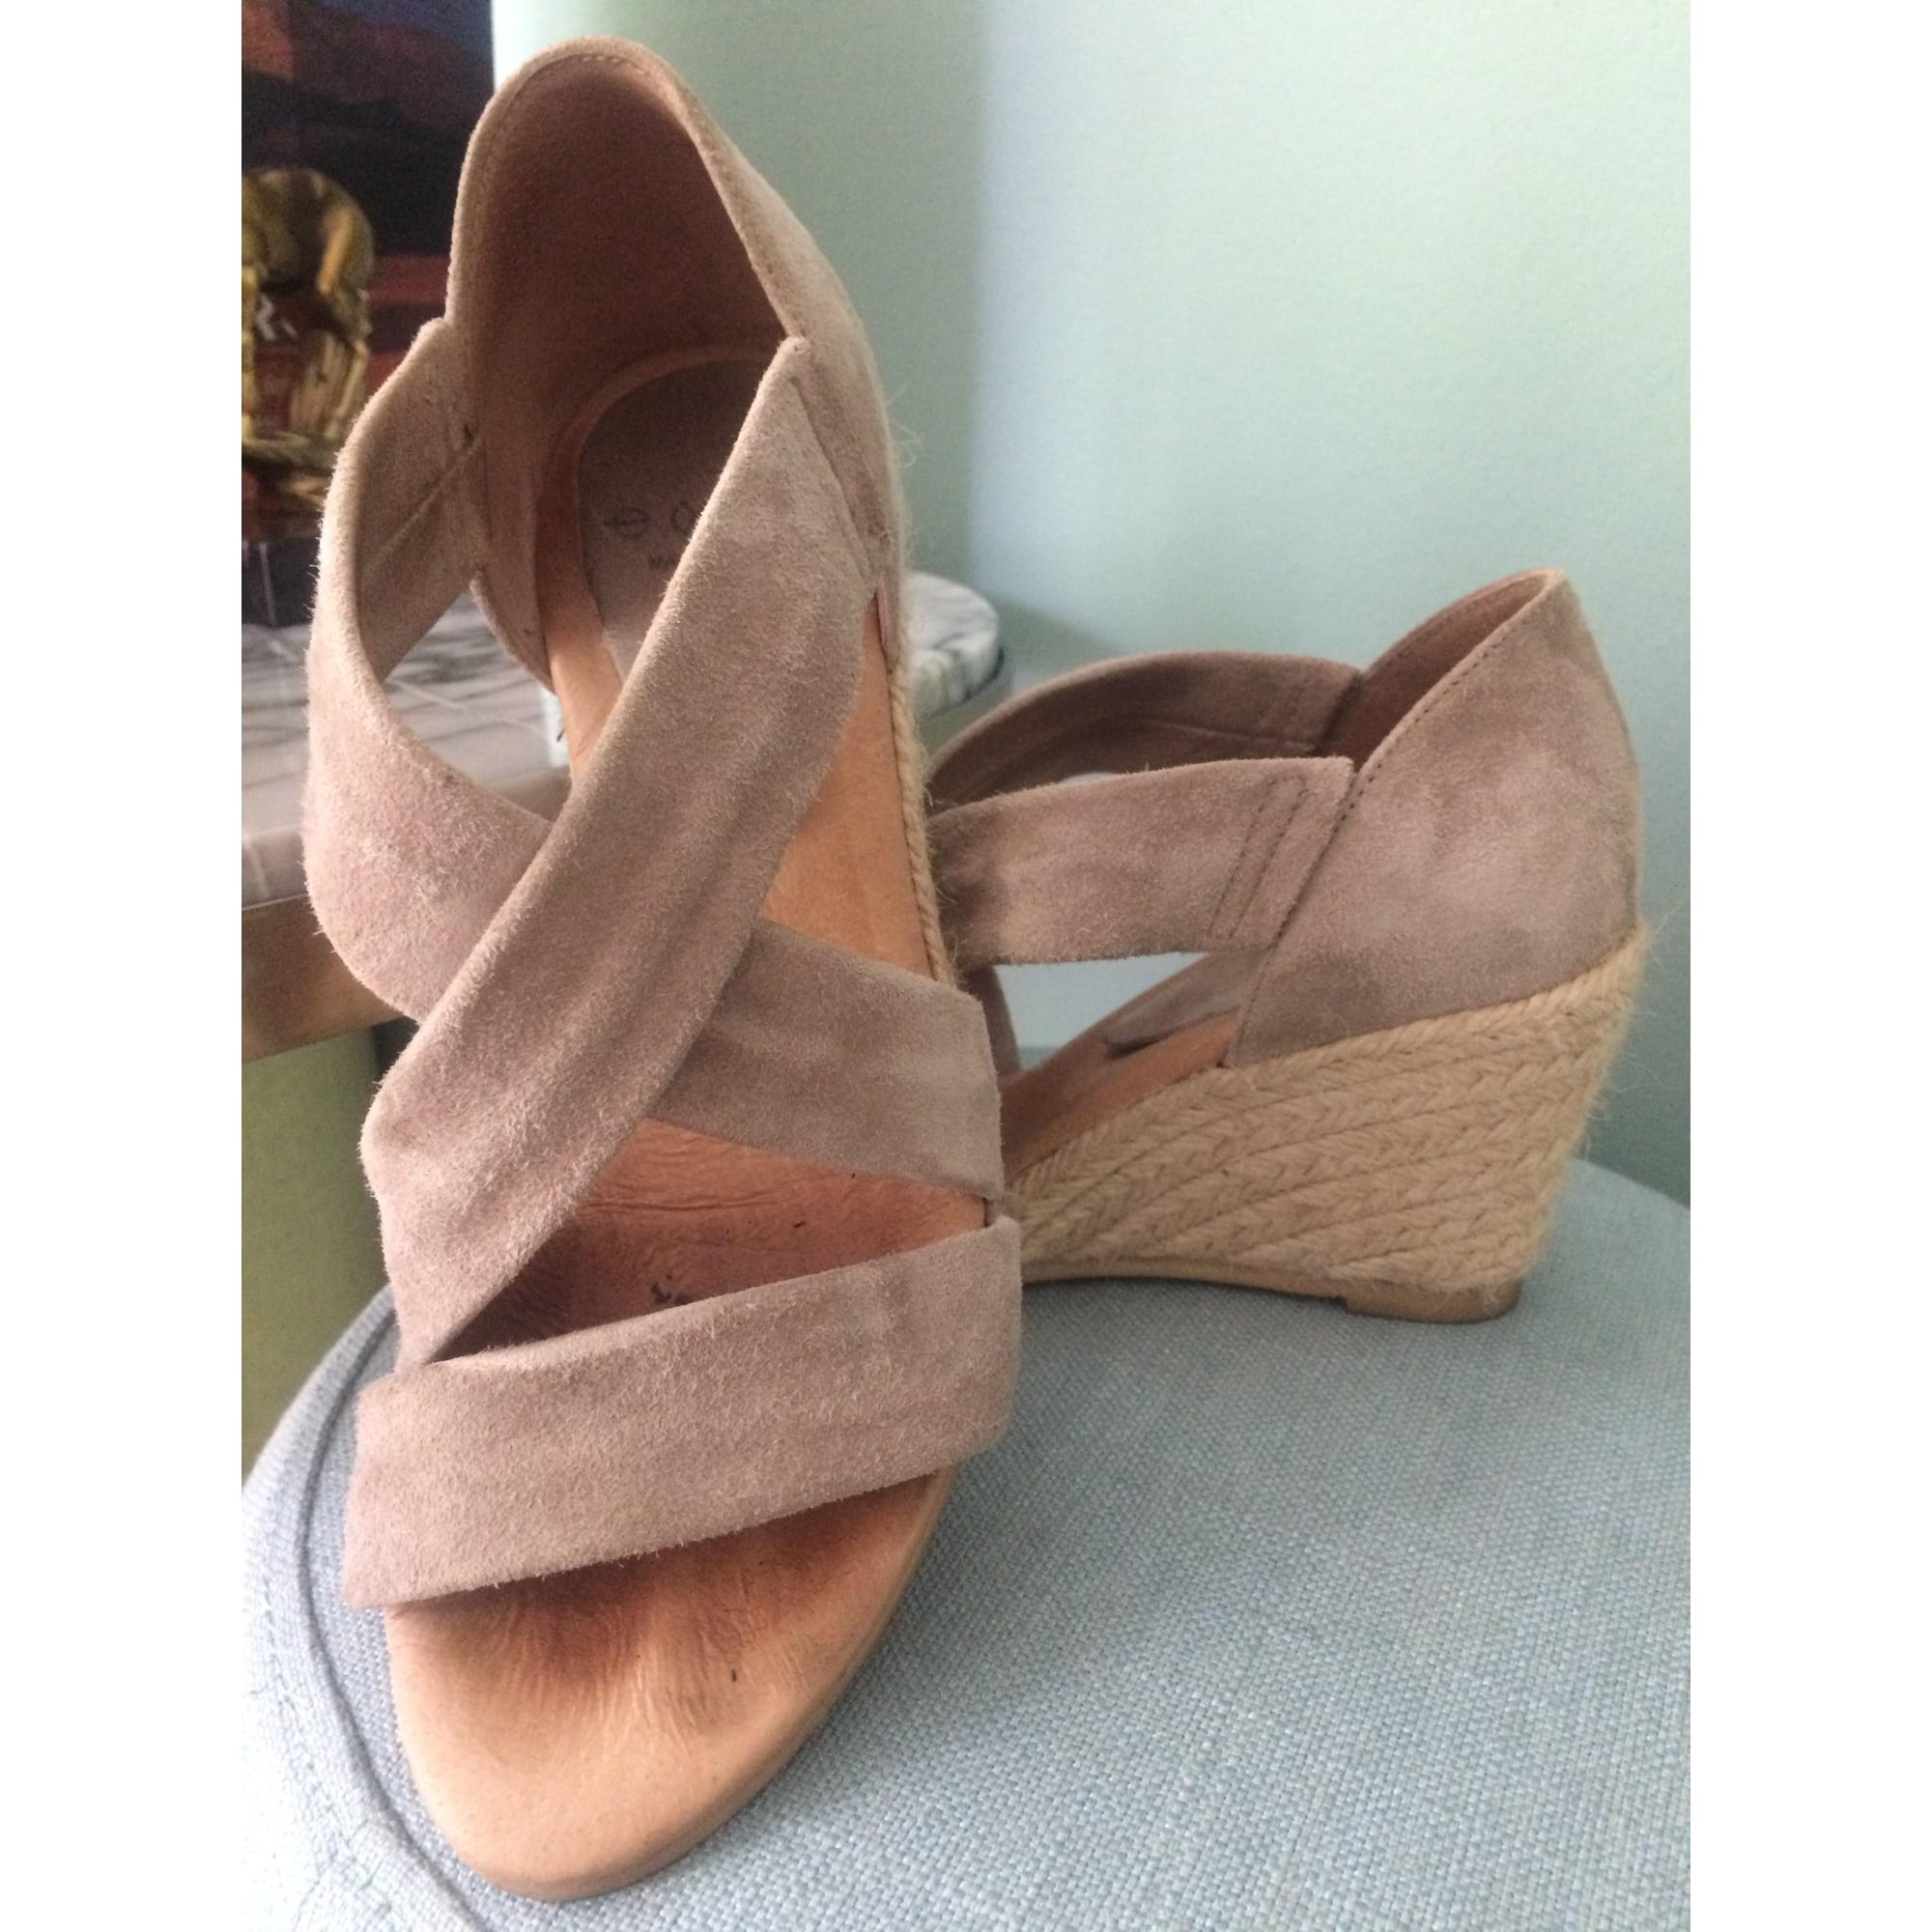 Sandales compensées EXIT Beige, camel